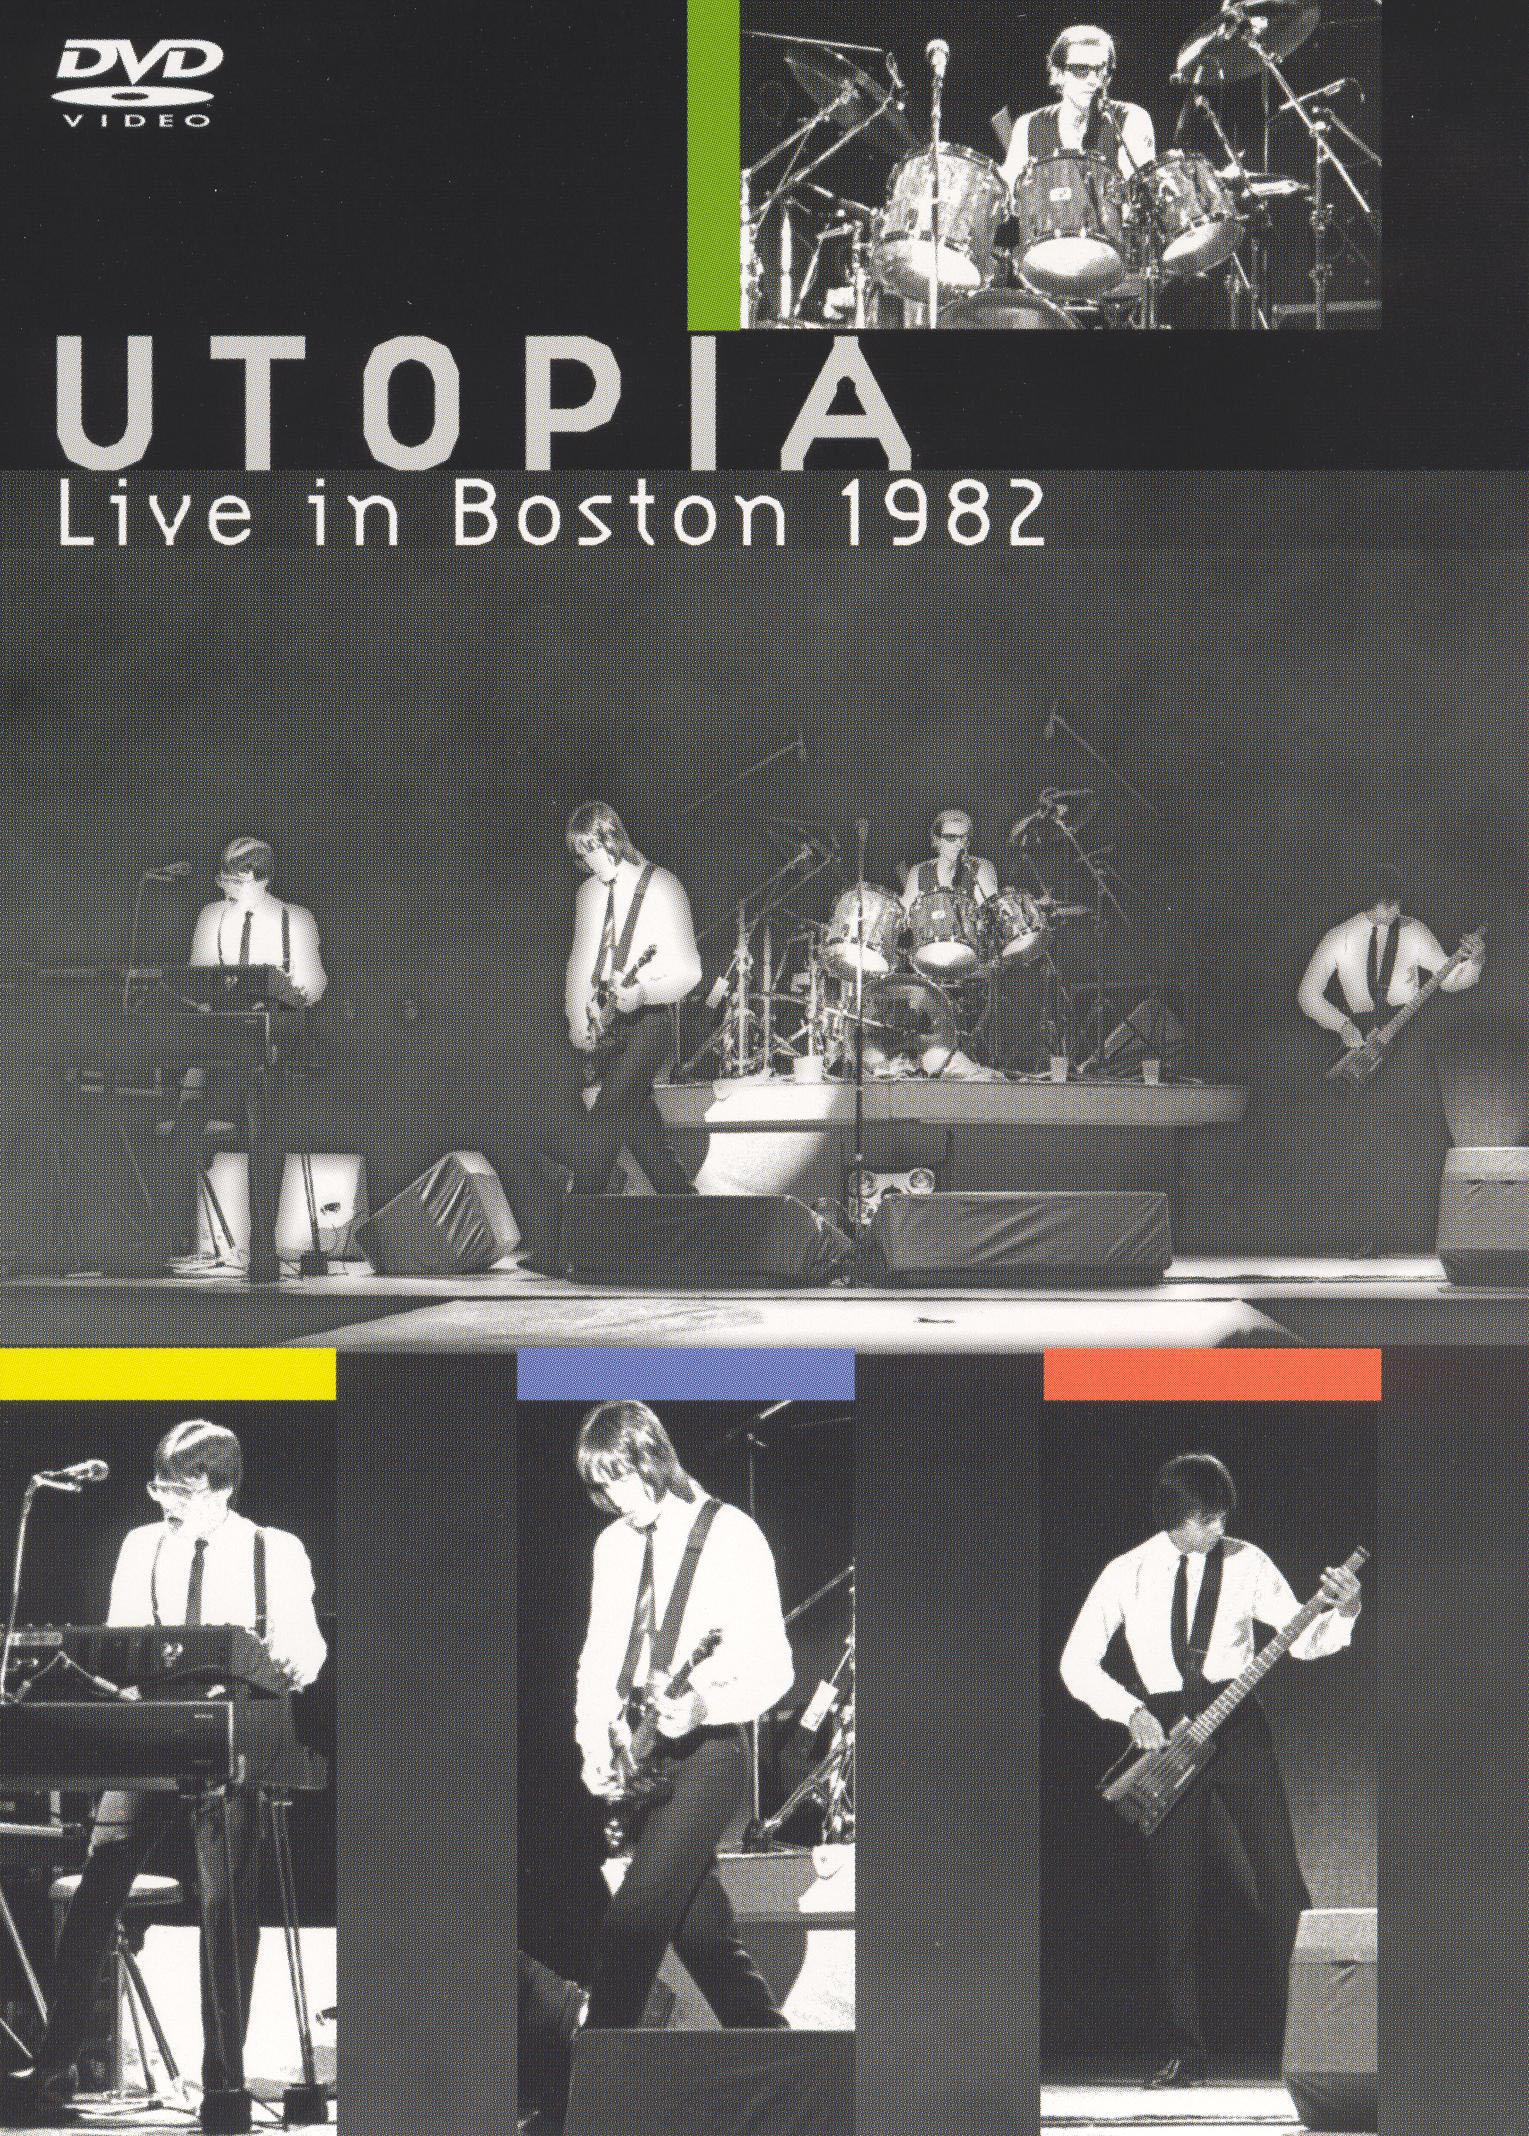 Utopia: Live In Boston 1982 - | Synopsis, Characteristics ...